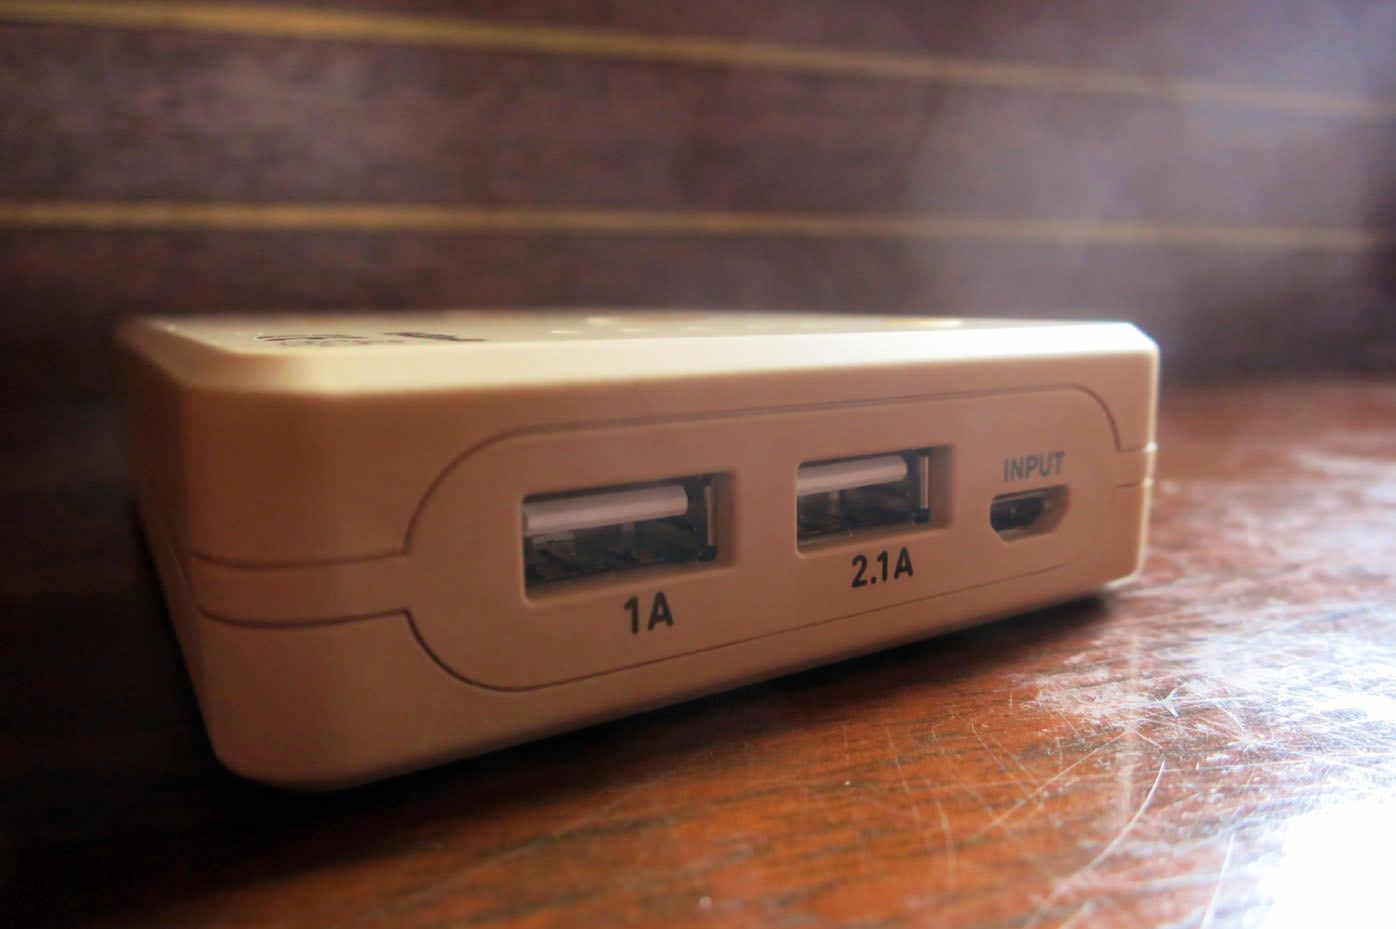 ダンボーのモバイルバッテリーの充電口